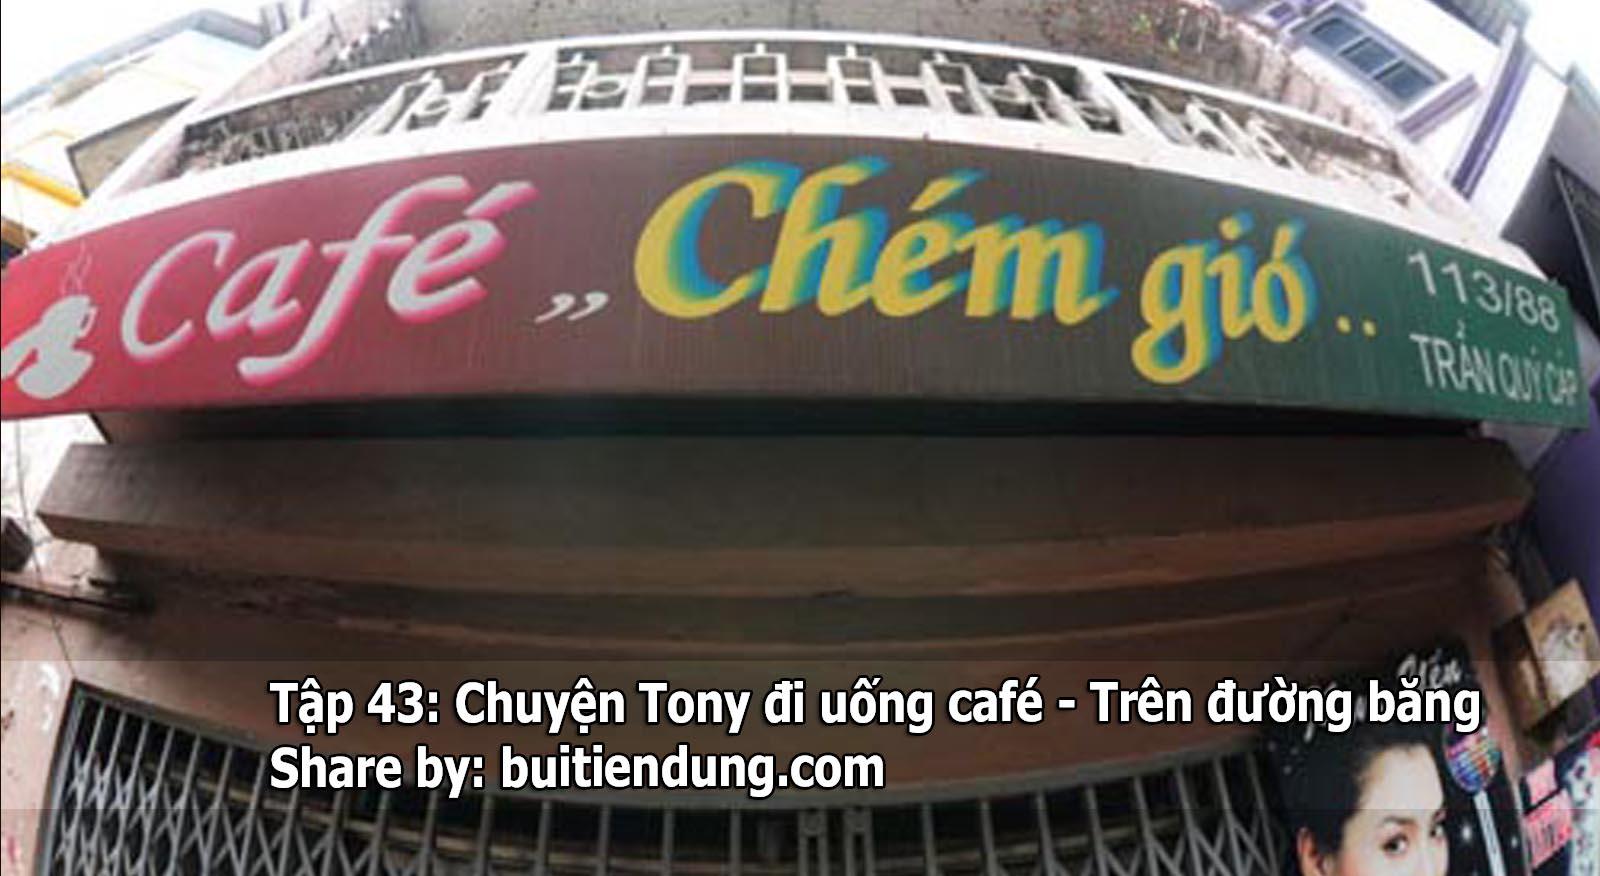 tap-43-chuyen-tony-di-uong-cafe-tren-duong-bang-tony-buoi-sang